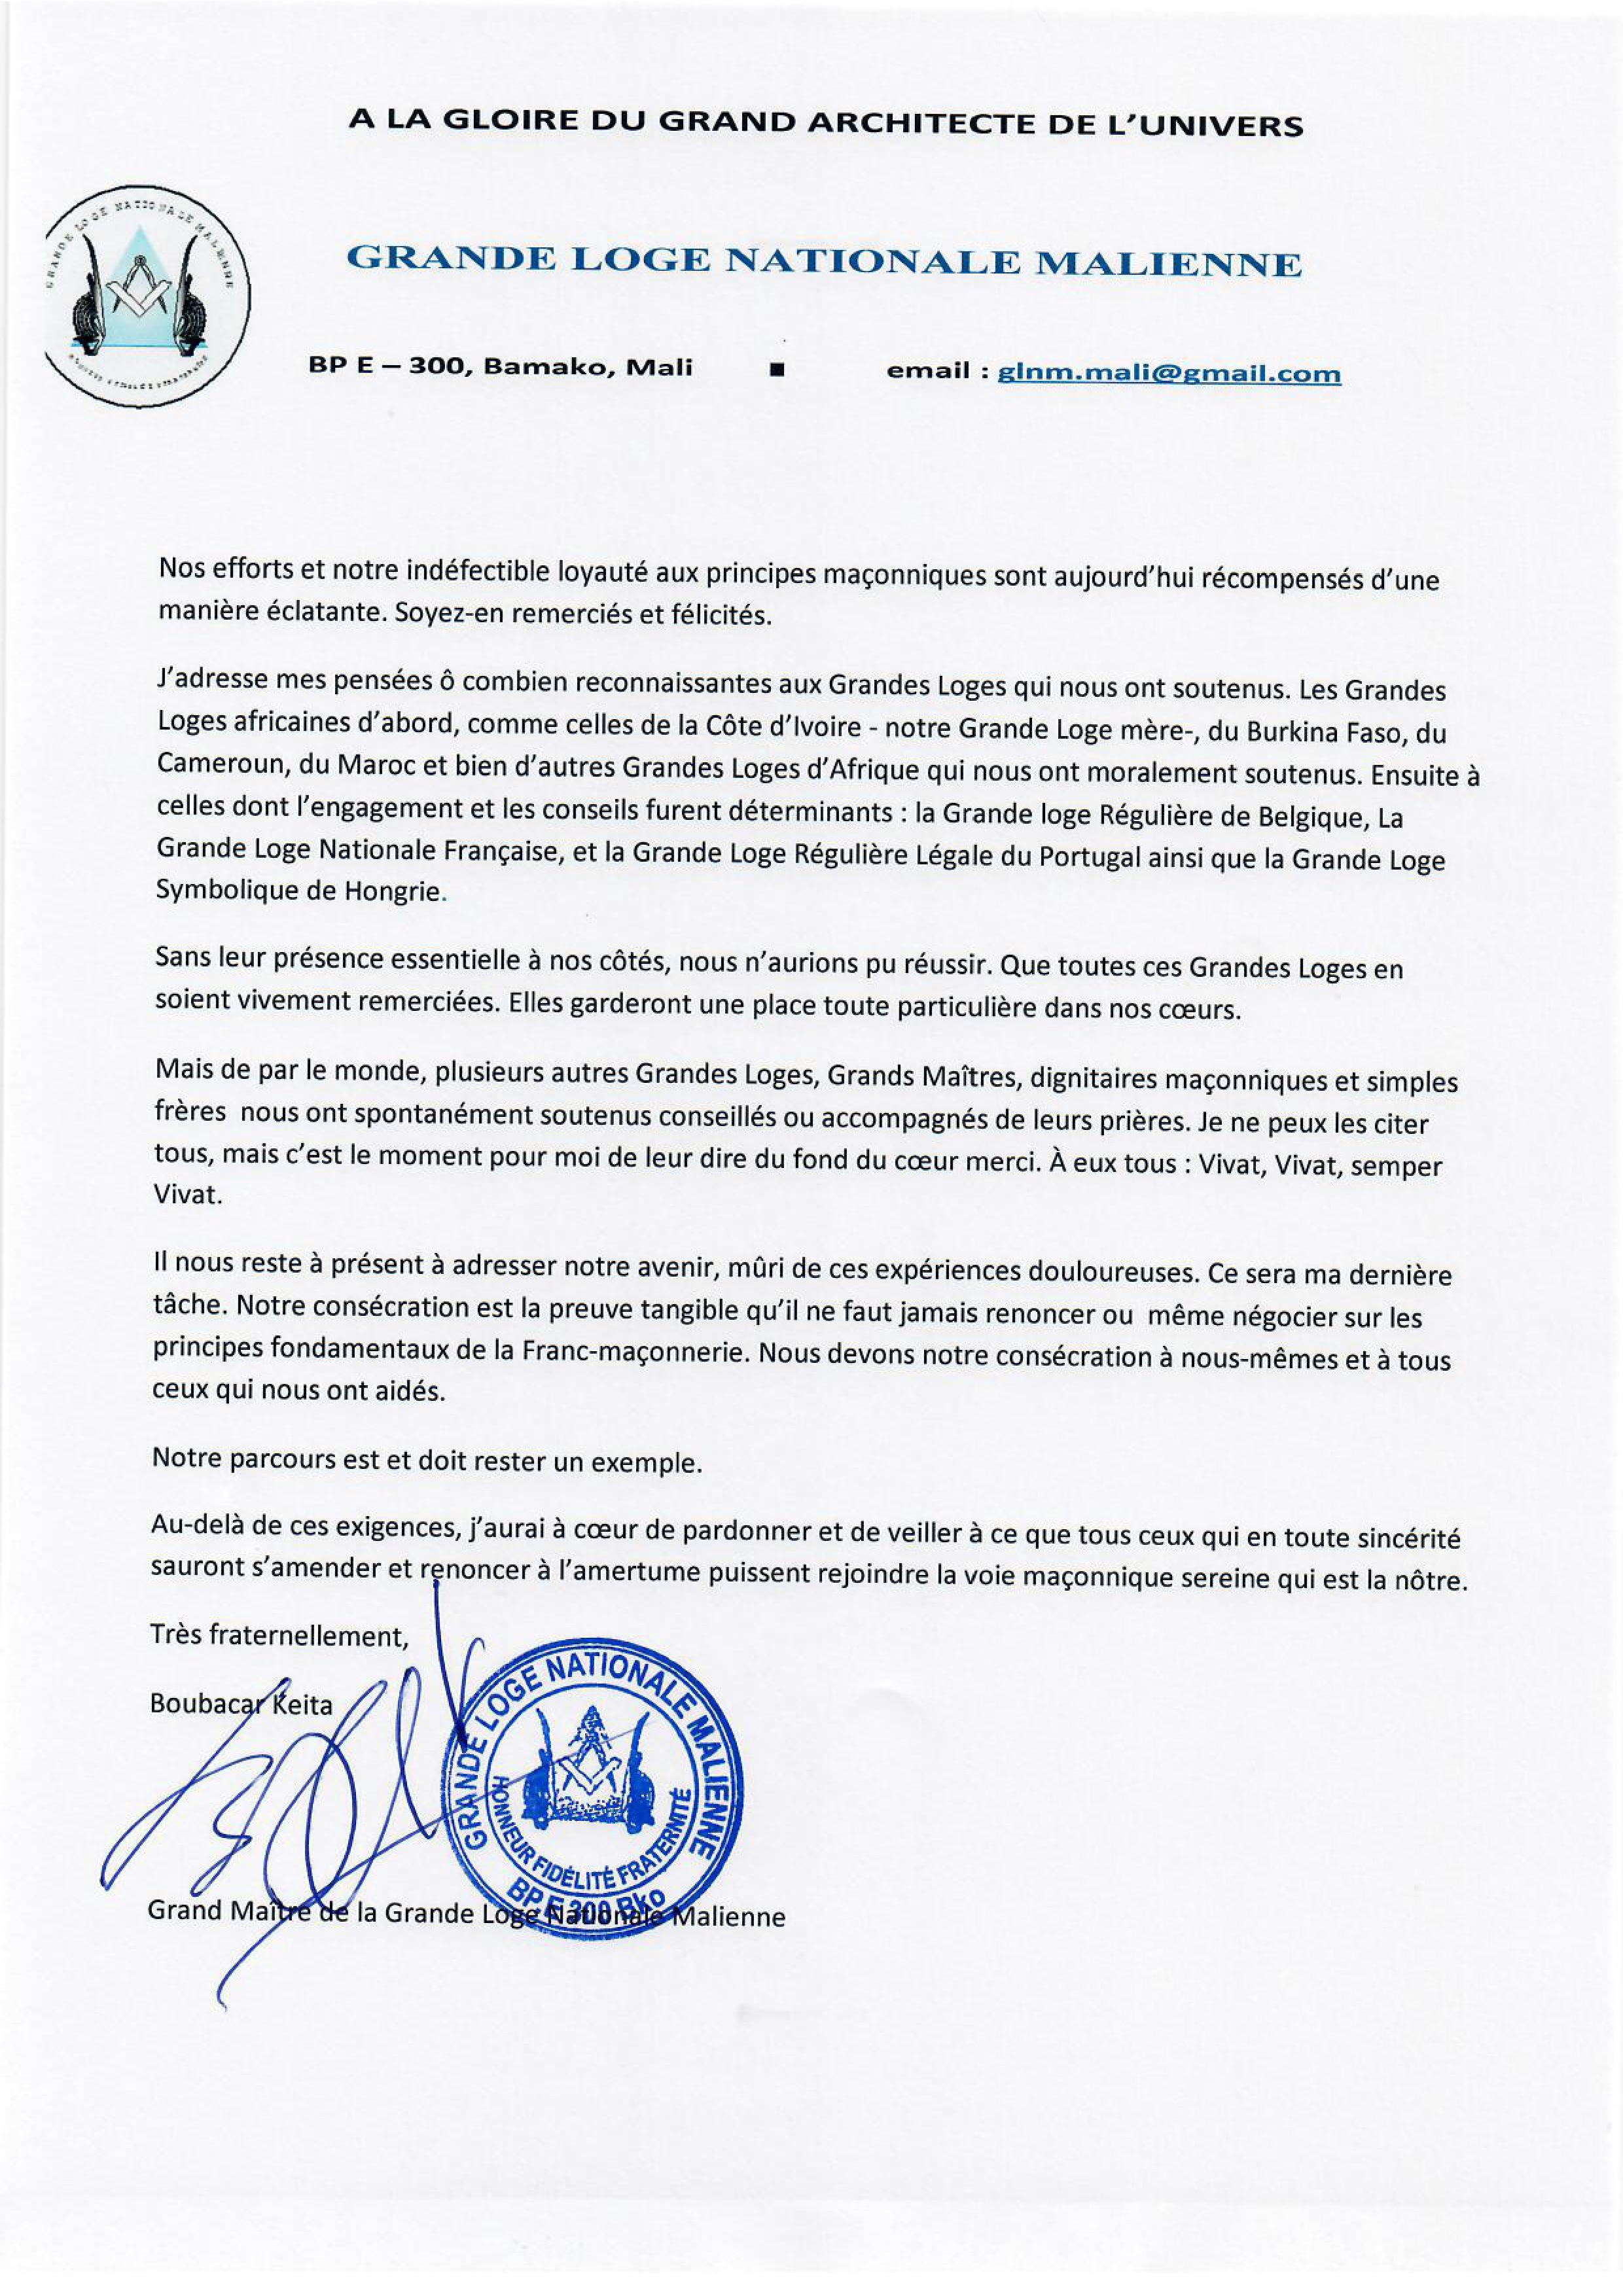 Le courrier de Boubacar à ses